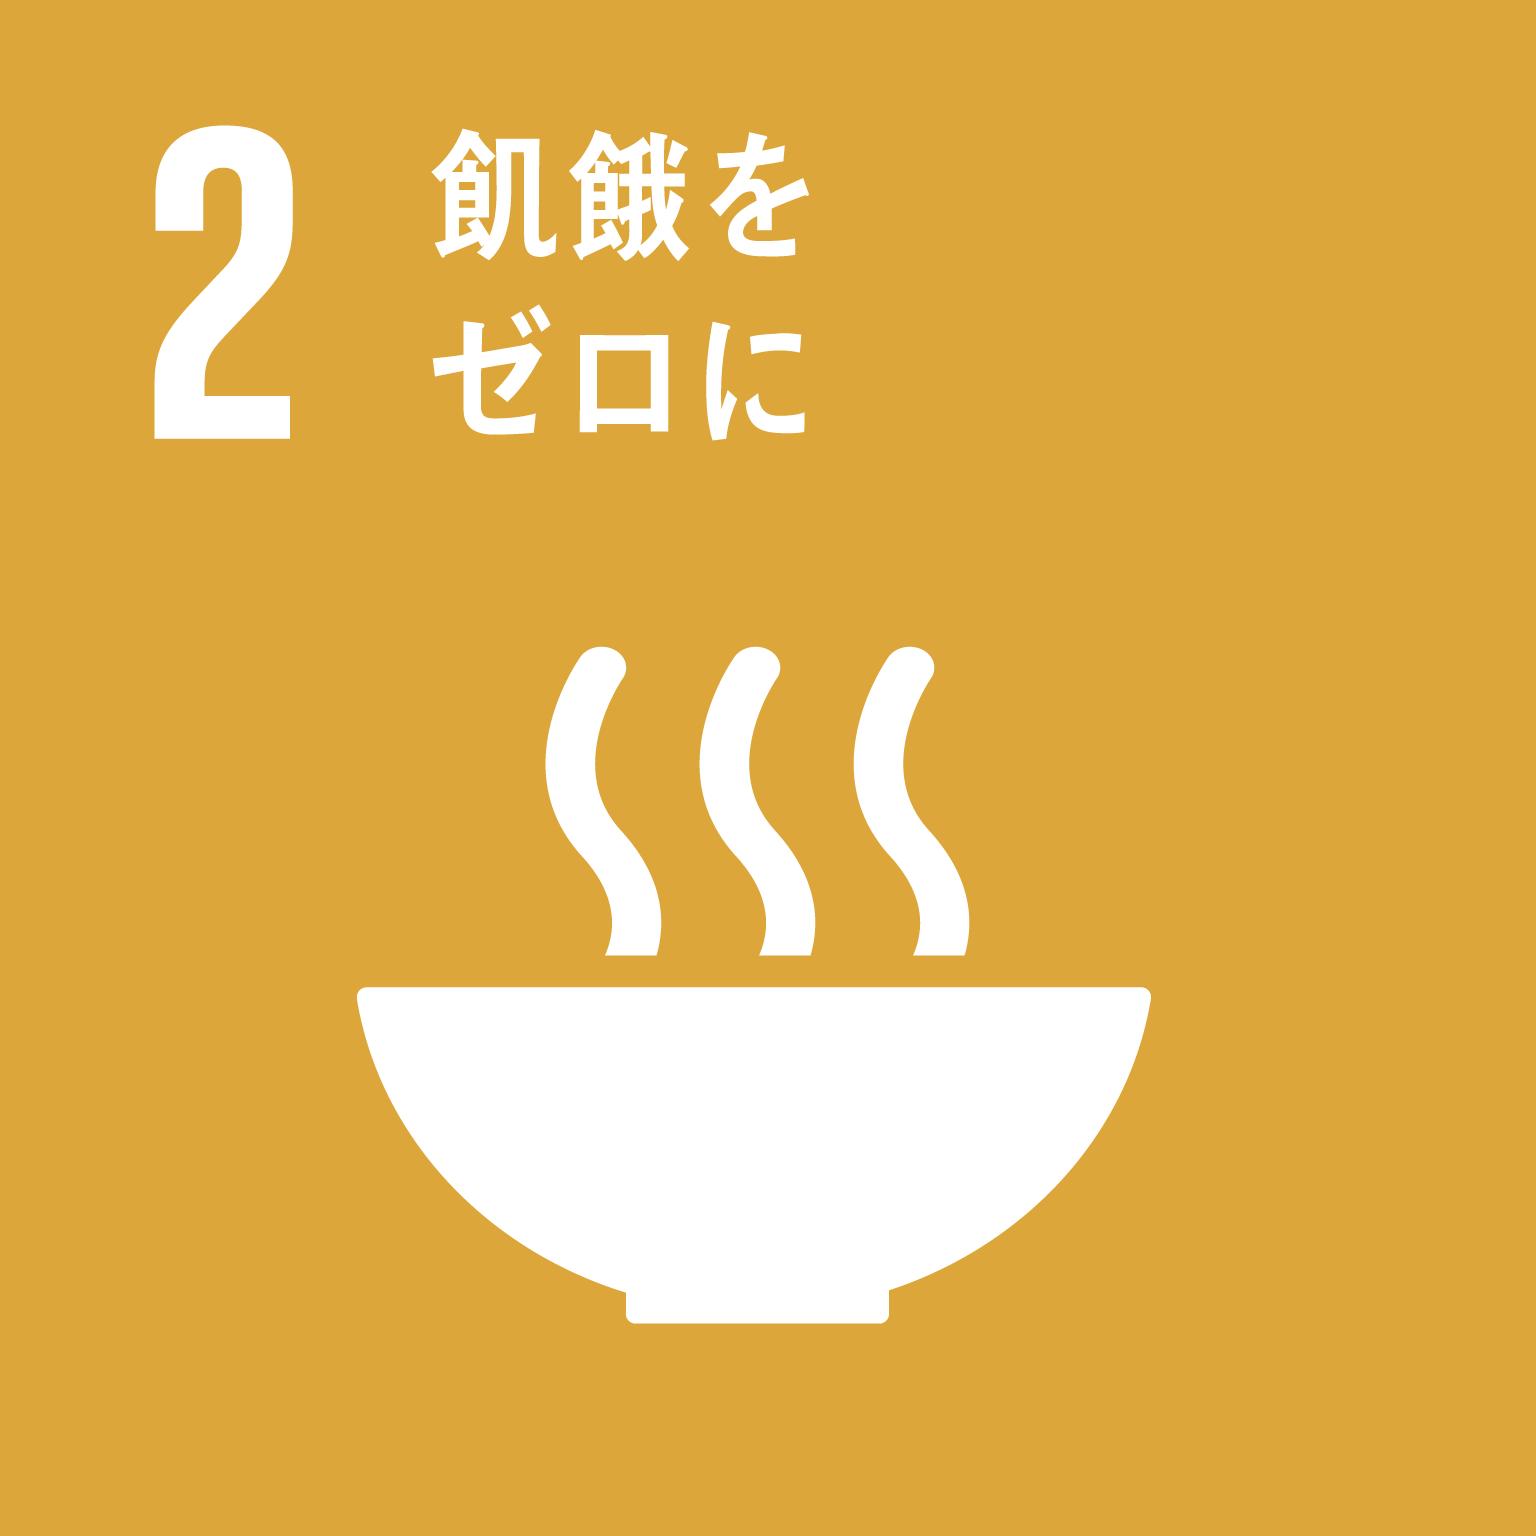 目標2: 飢餓をゼロに